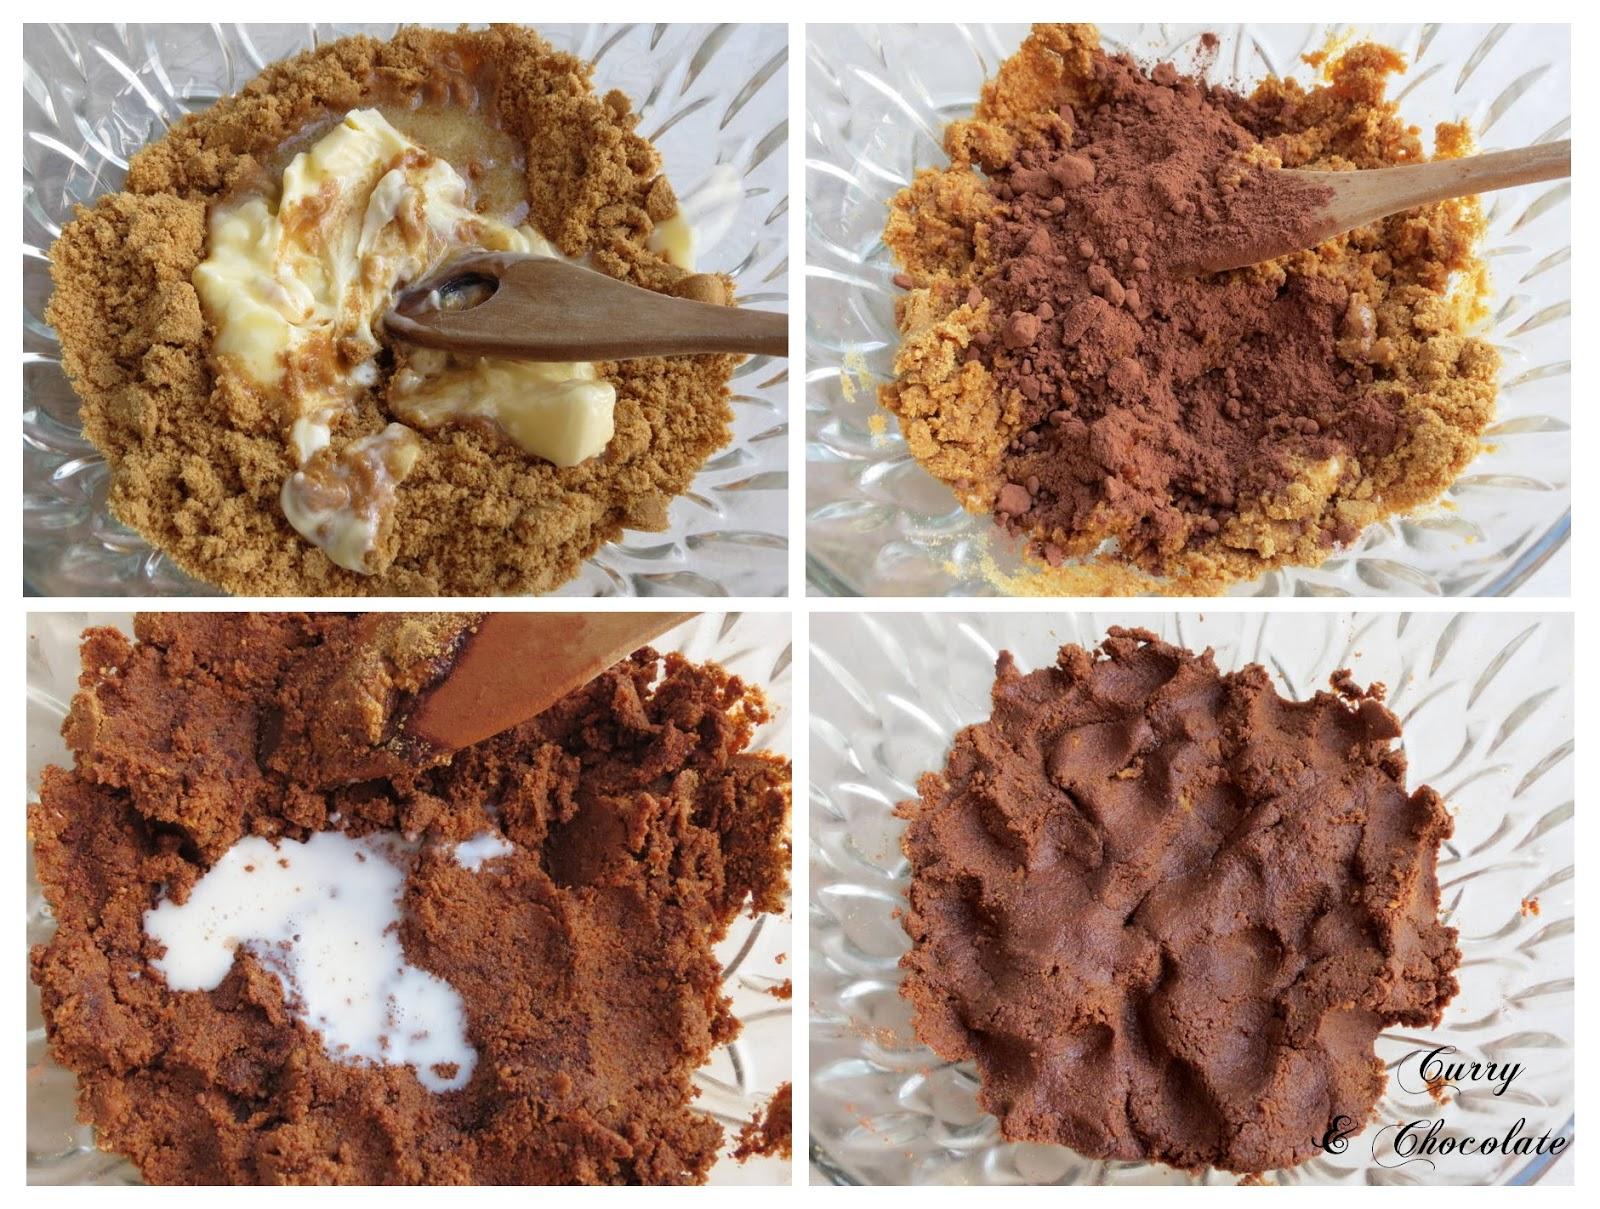 Preparando la base de galletas